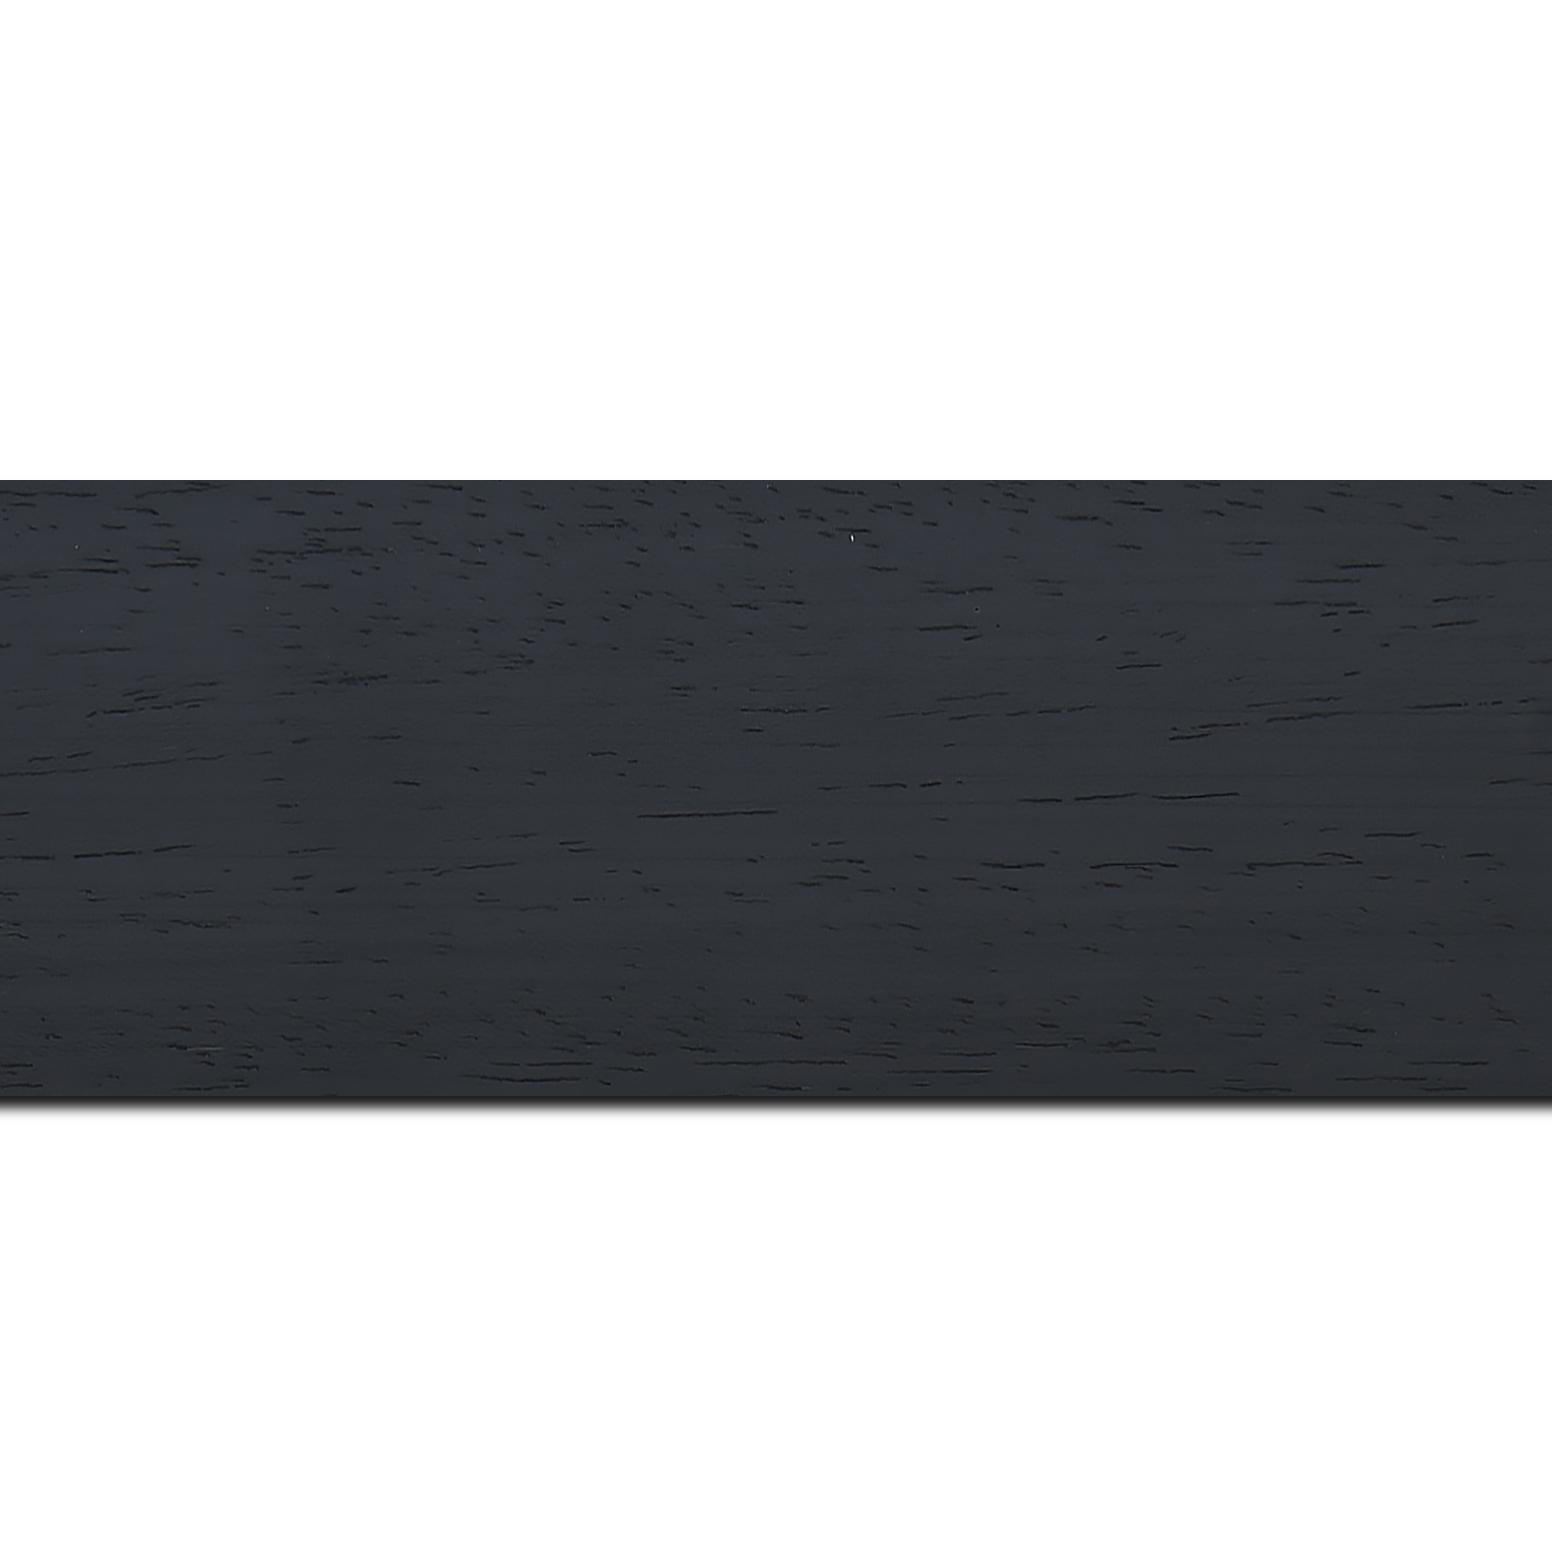 cadre bois noir 20x30 pas cher cadre photo bois noir 20x30 destock cadre. Black Bedroom Furniture Sets. Home Design Ideas